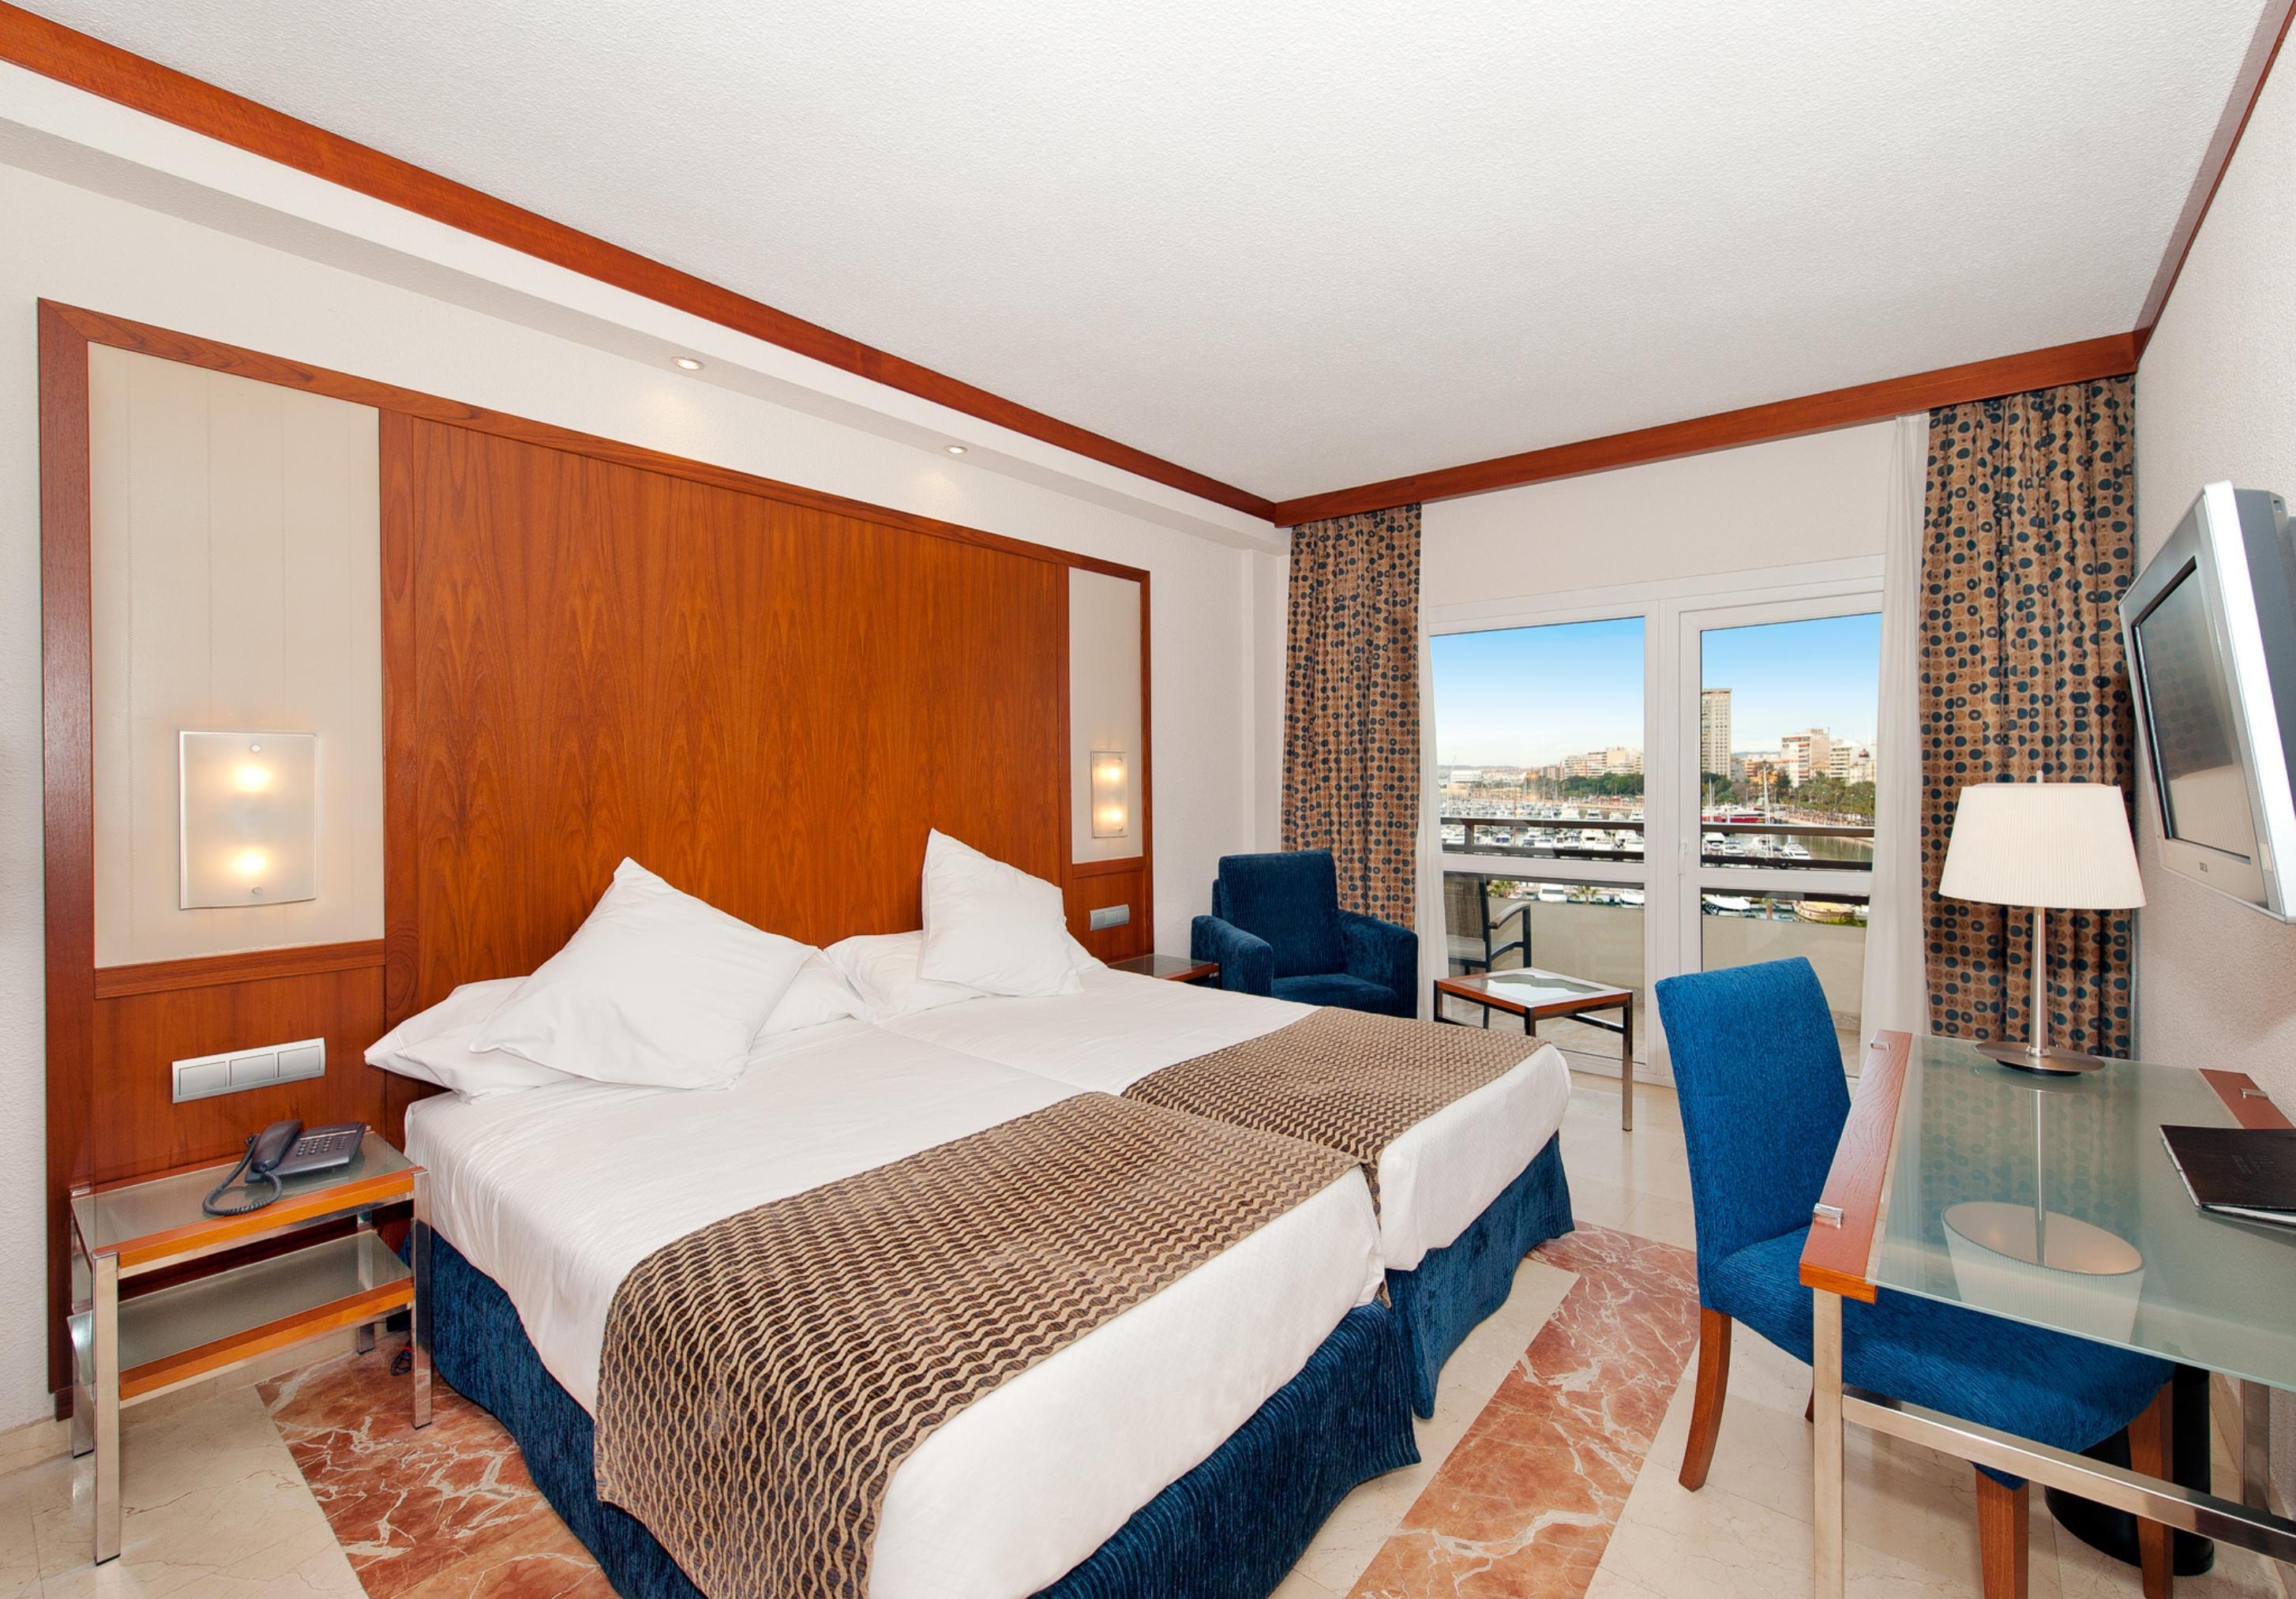 Мелиа отель аликанте цены